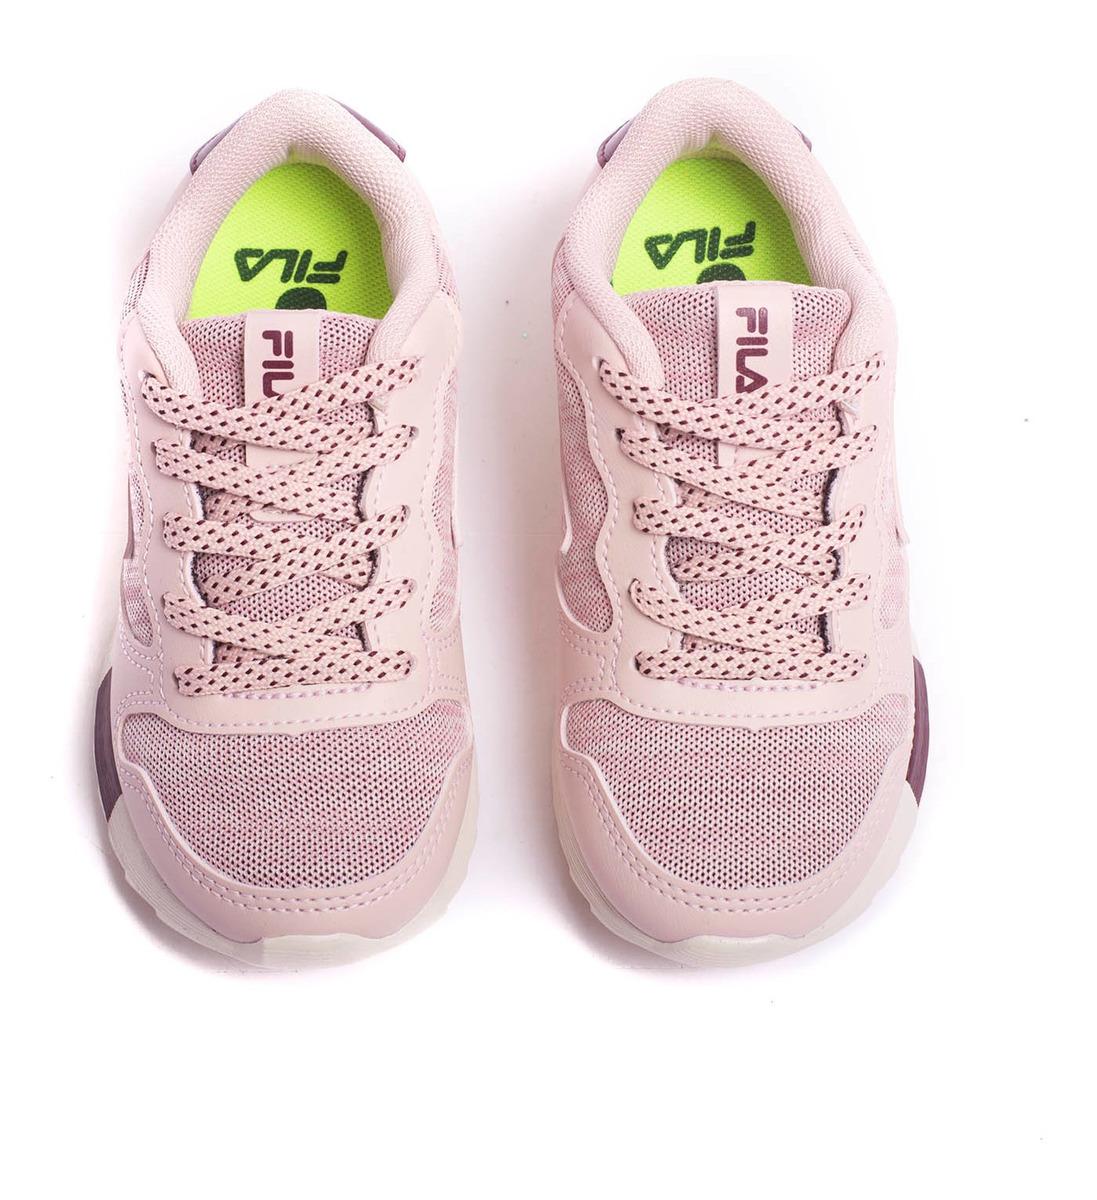 Zapatillas Fila Euro Jogger Sport Kids 31u308x 3501 Open Sp